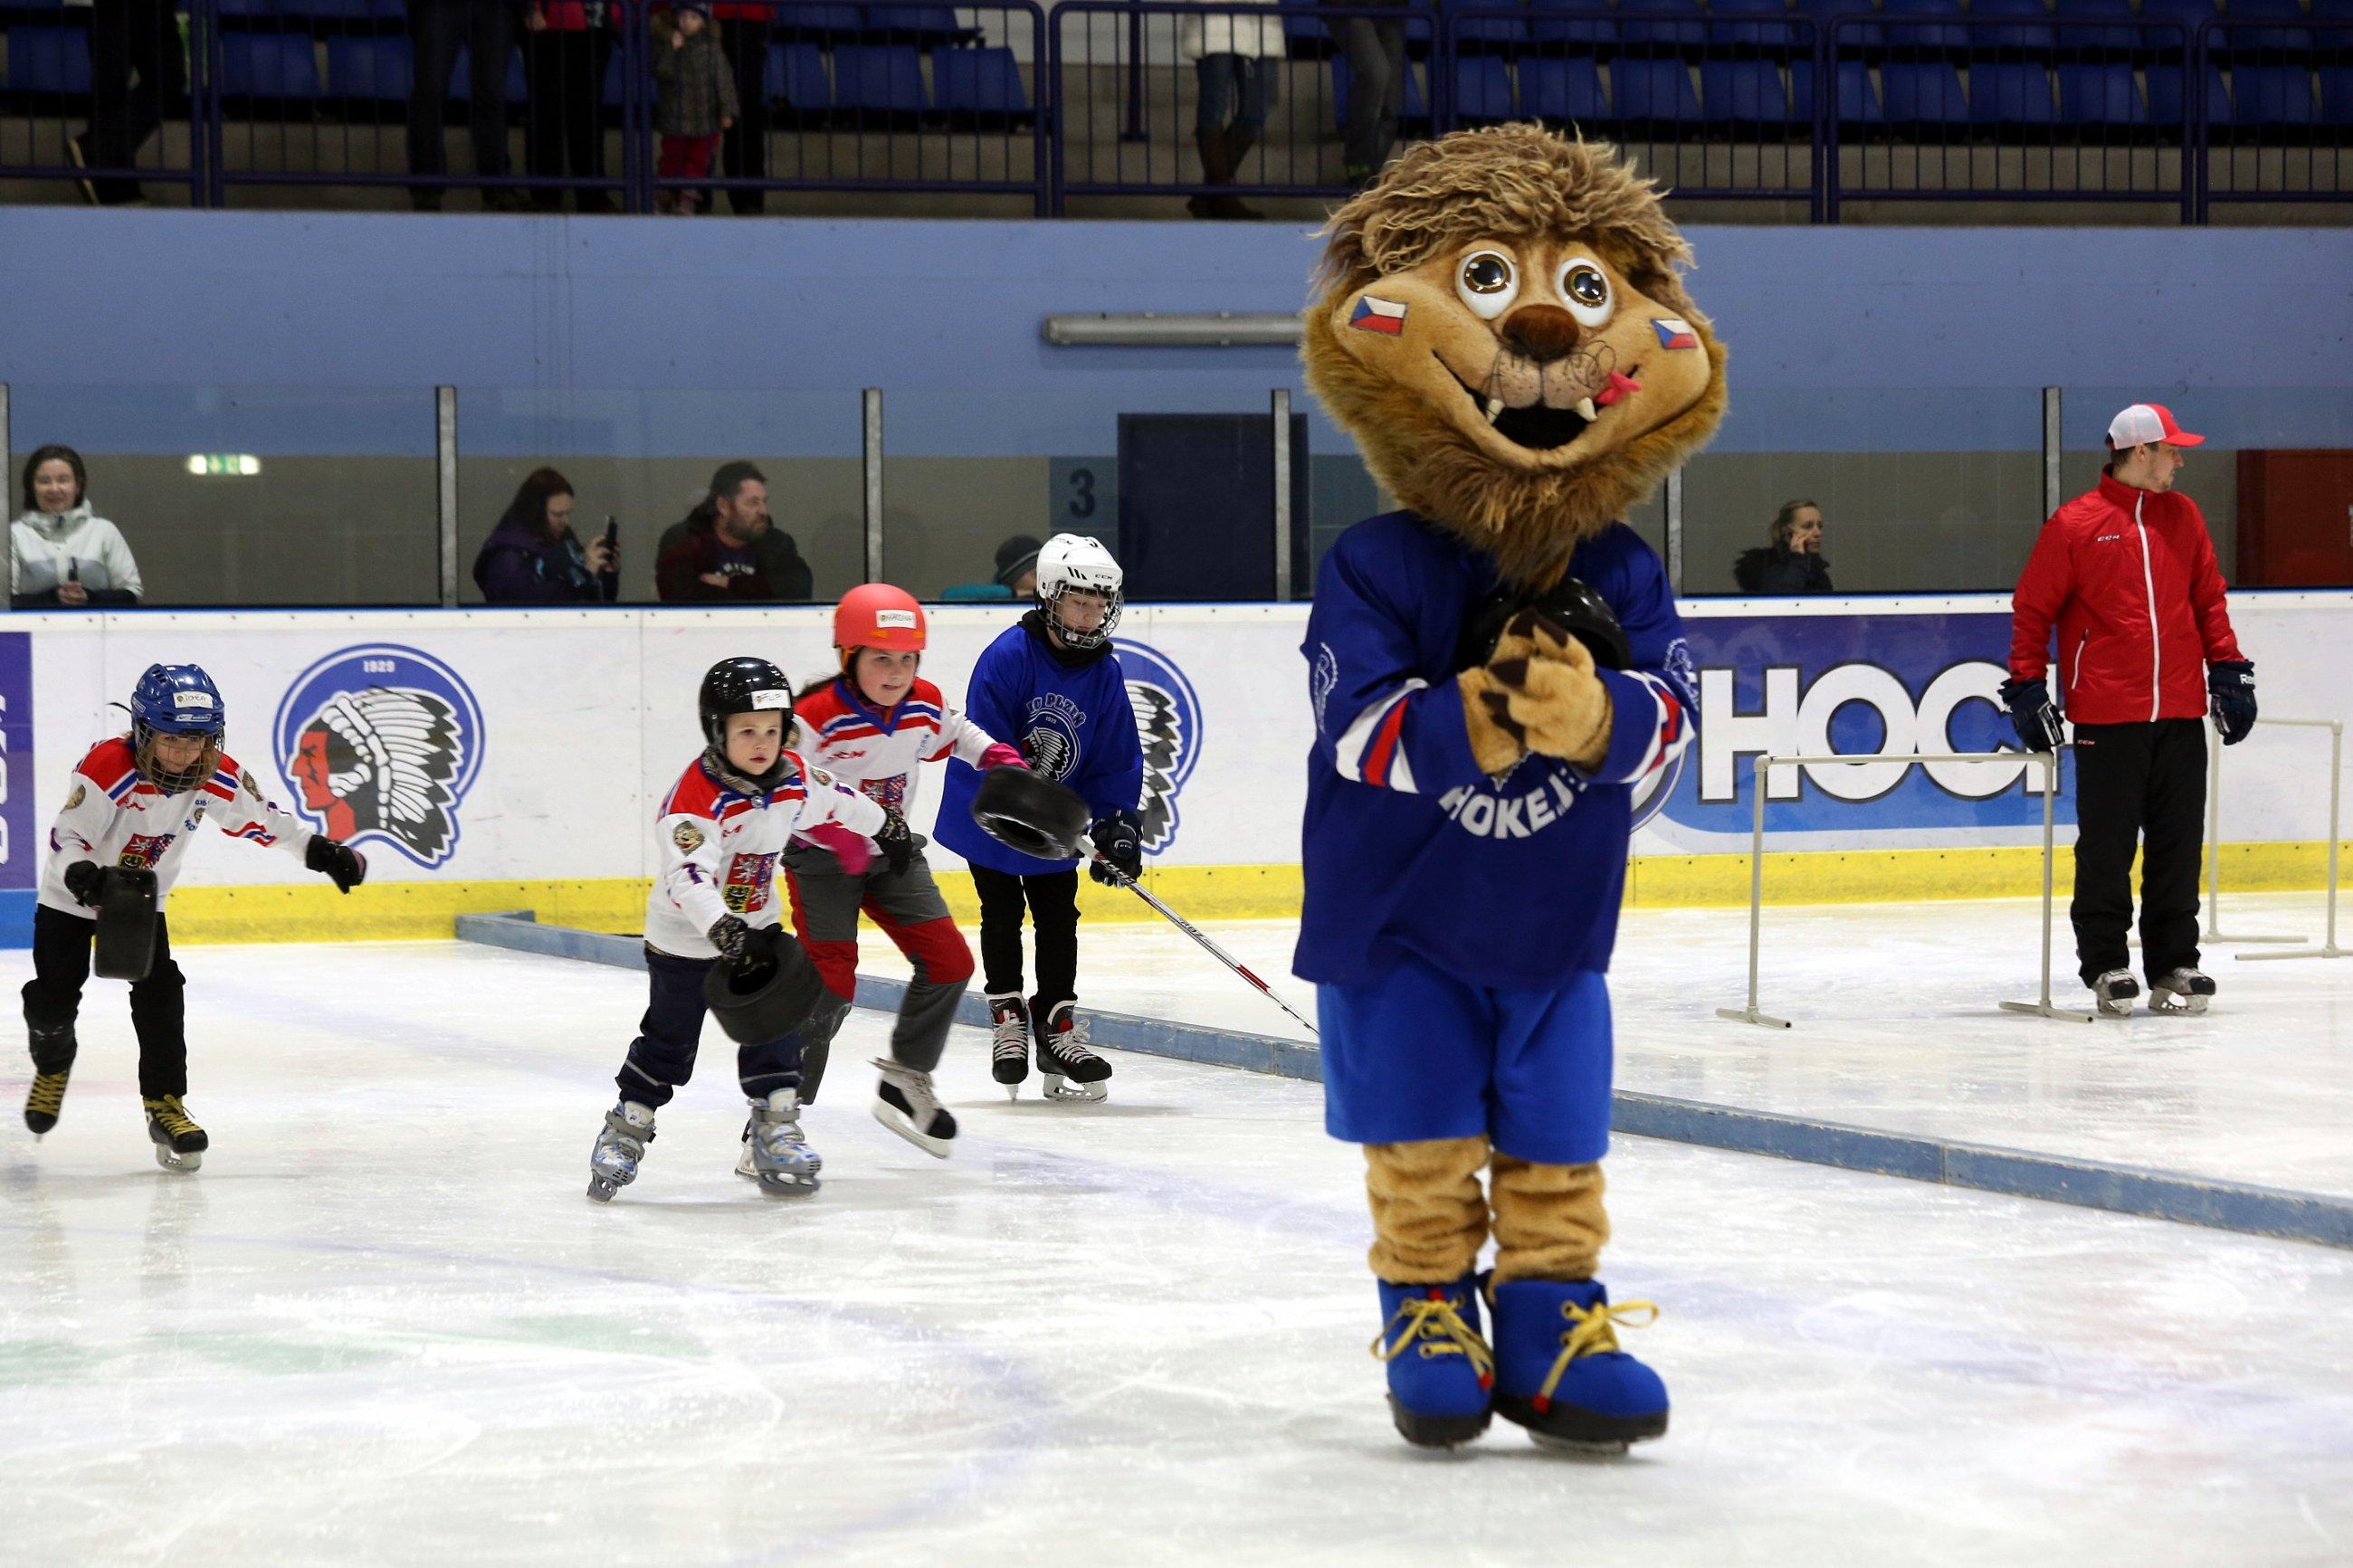 3612c455a ... Pojď hrát hokej koná popáté po celé České republice a celkově už  pošesté. Díky dosavadním ročníkům získalo první zkušenost s ledním hokejem  téměř 20 000 ...